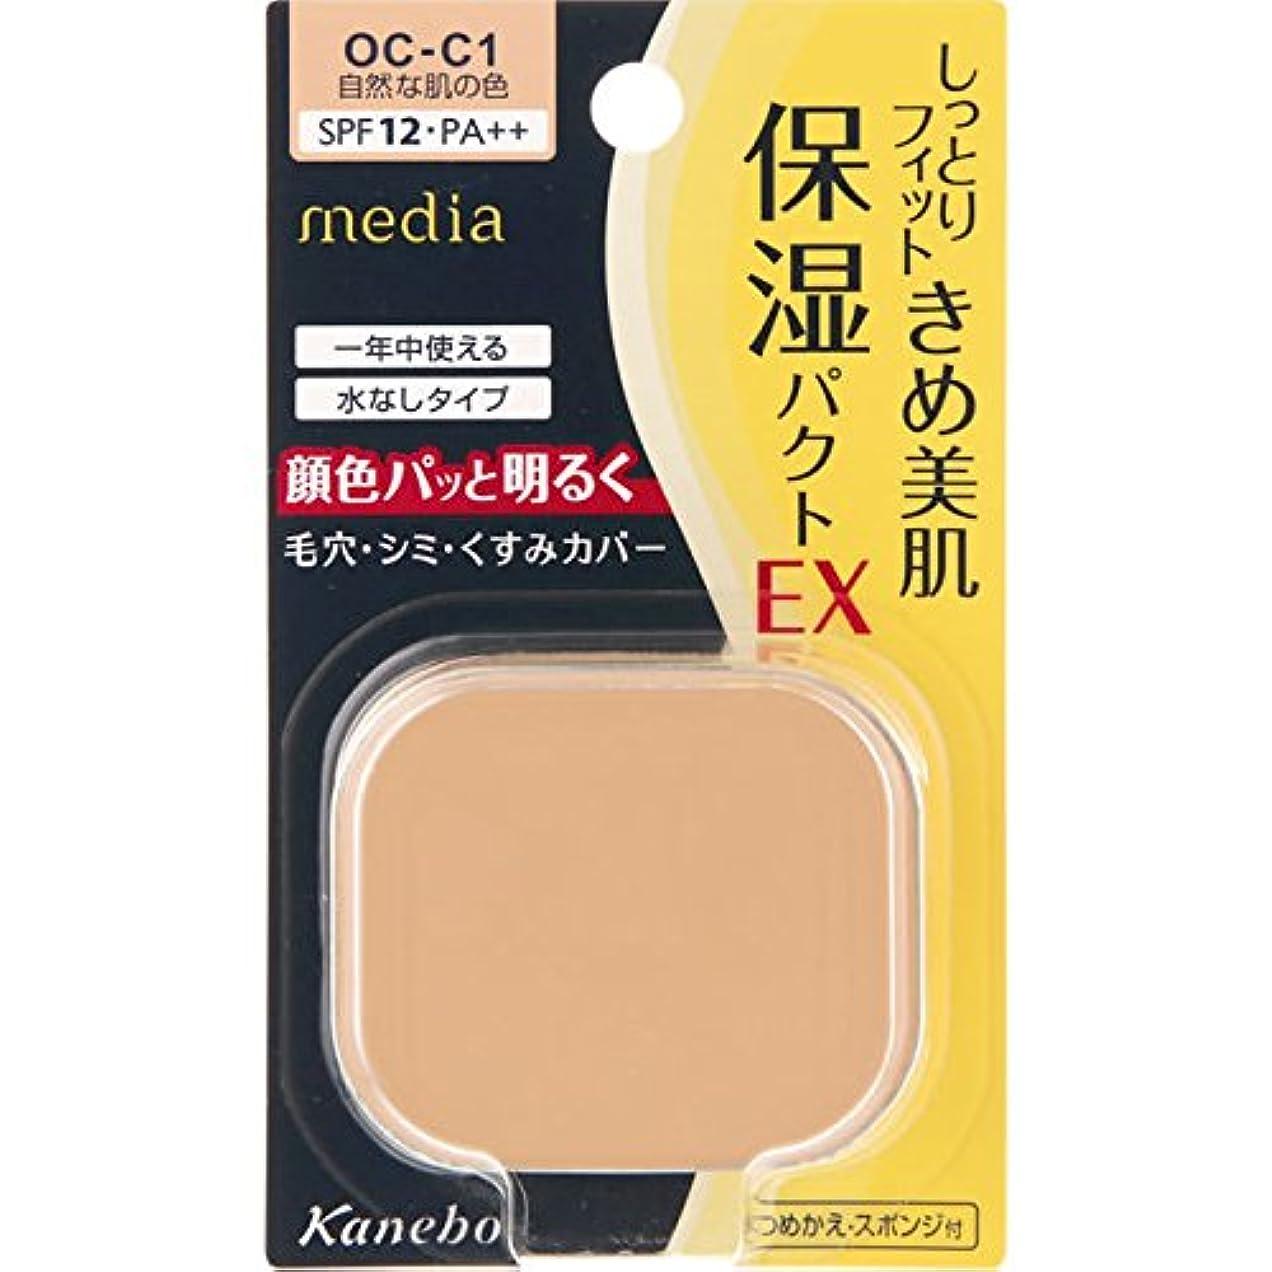 カヌーグリル黒カネボウ メディア モイストフィットパクトEX<つめかえ> OC-C1(11g)